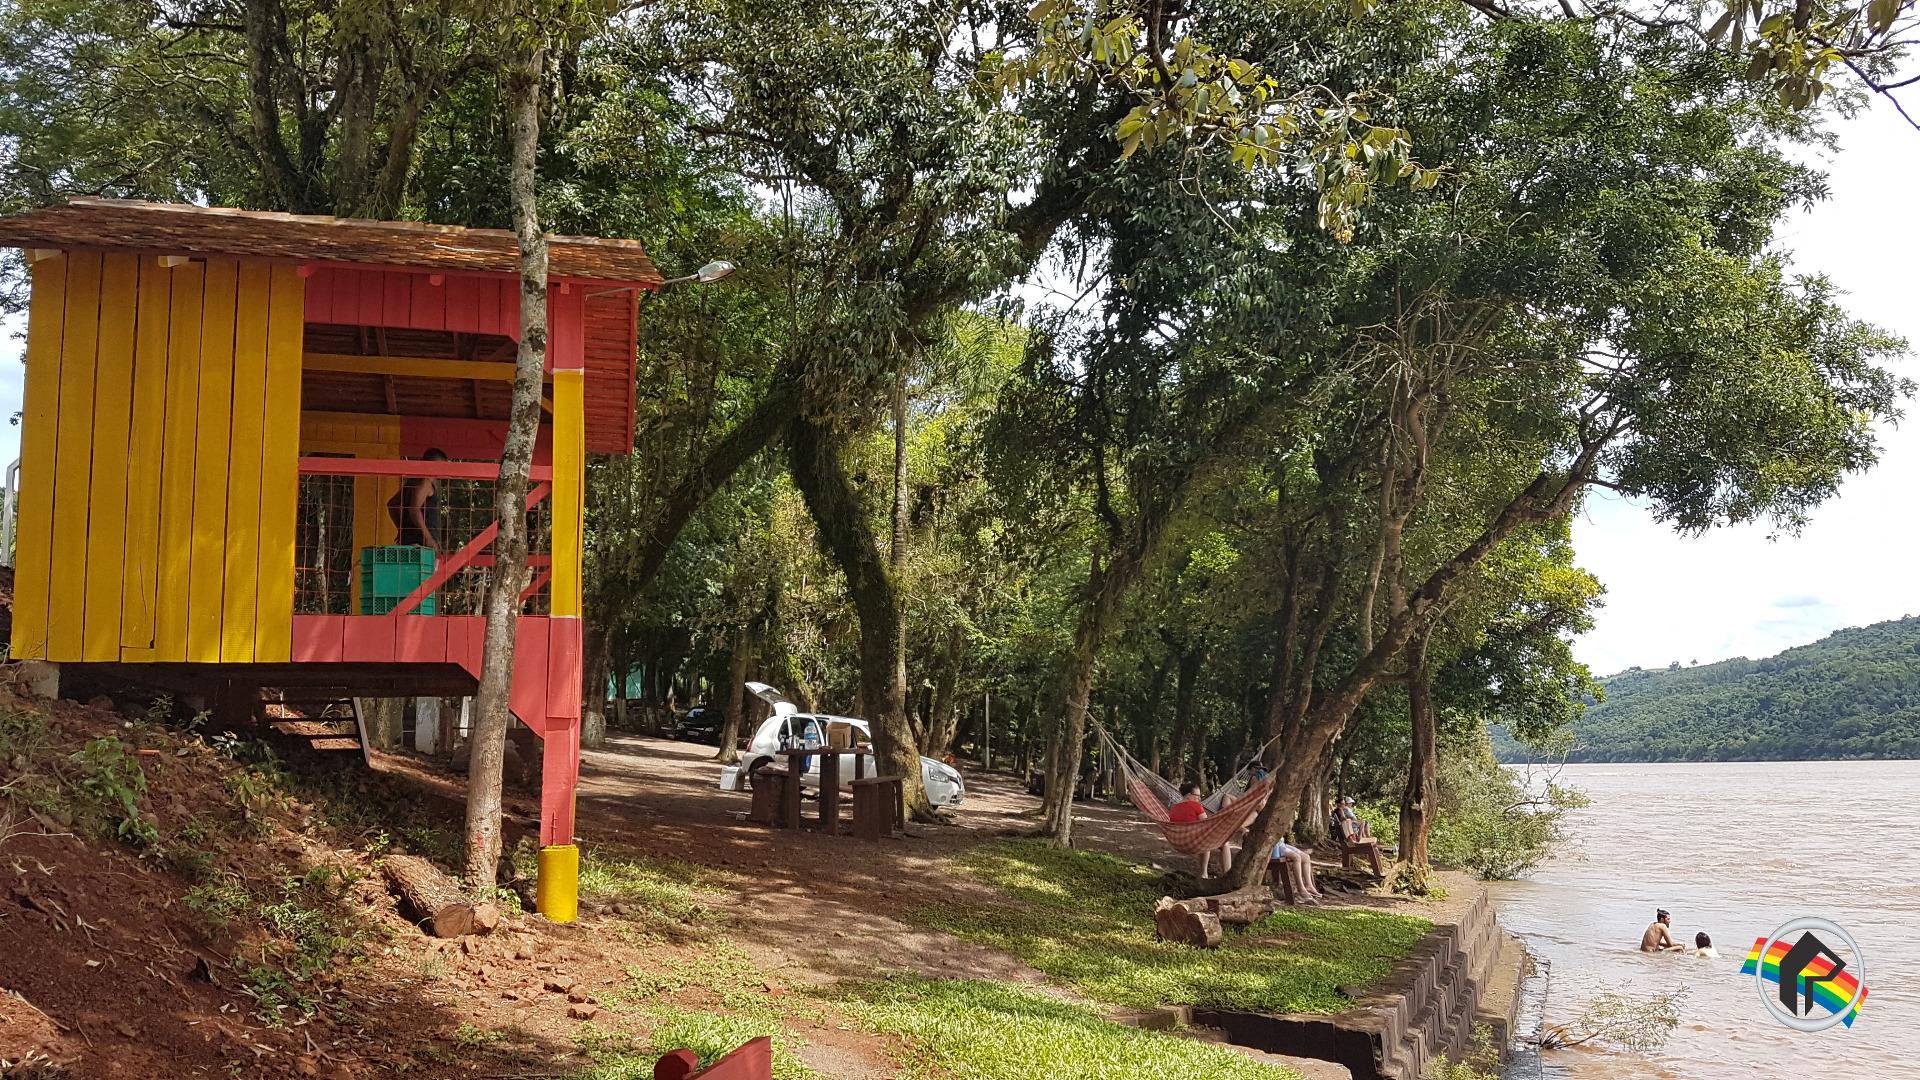 Prefeitura investe R$ 20 mil em área de lazer de Itapiranga